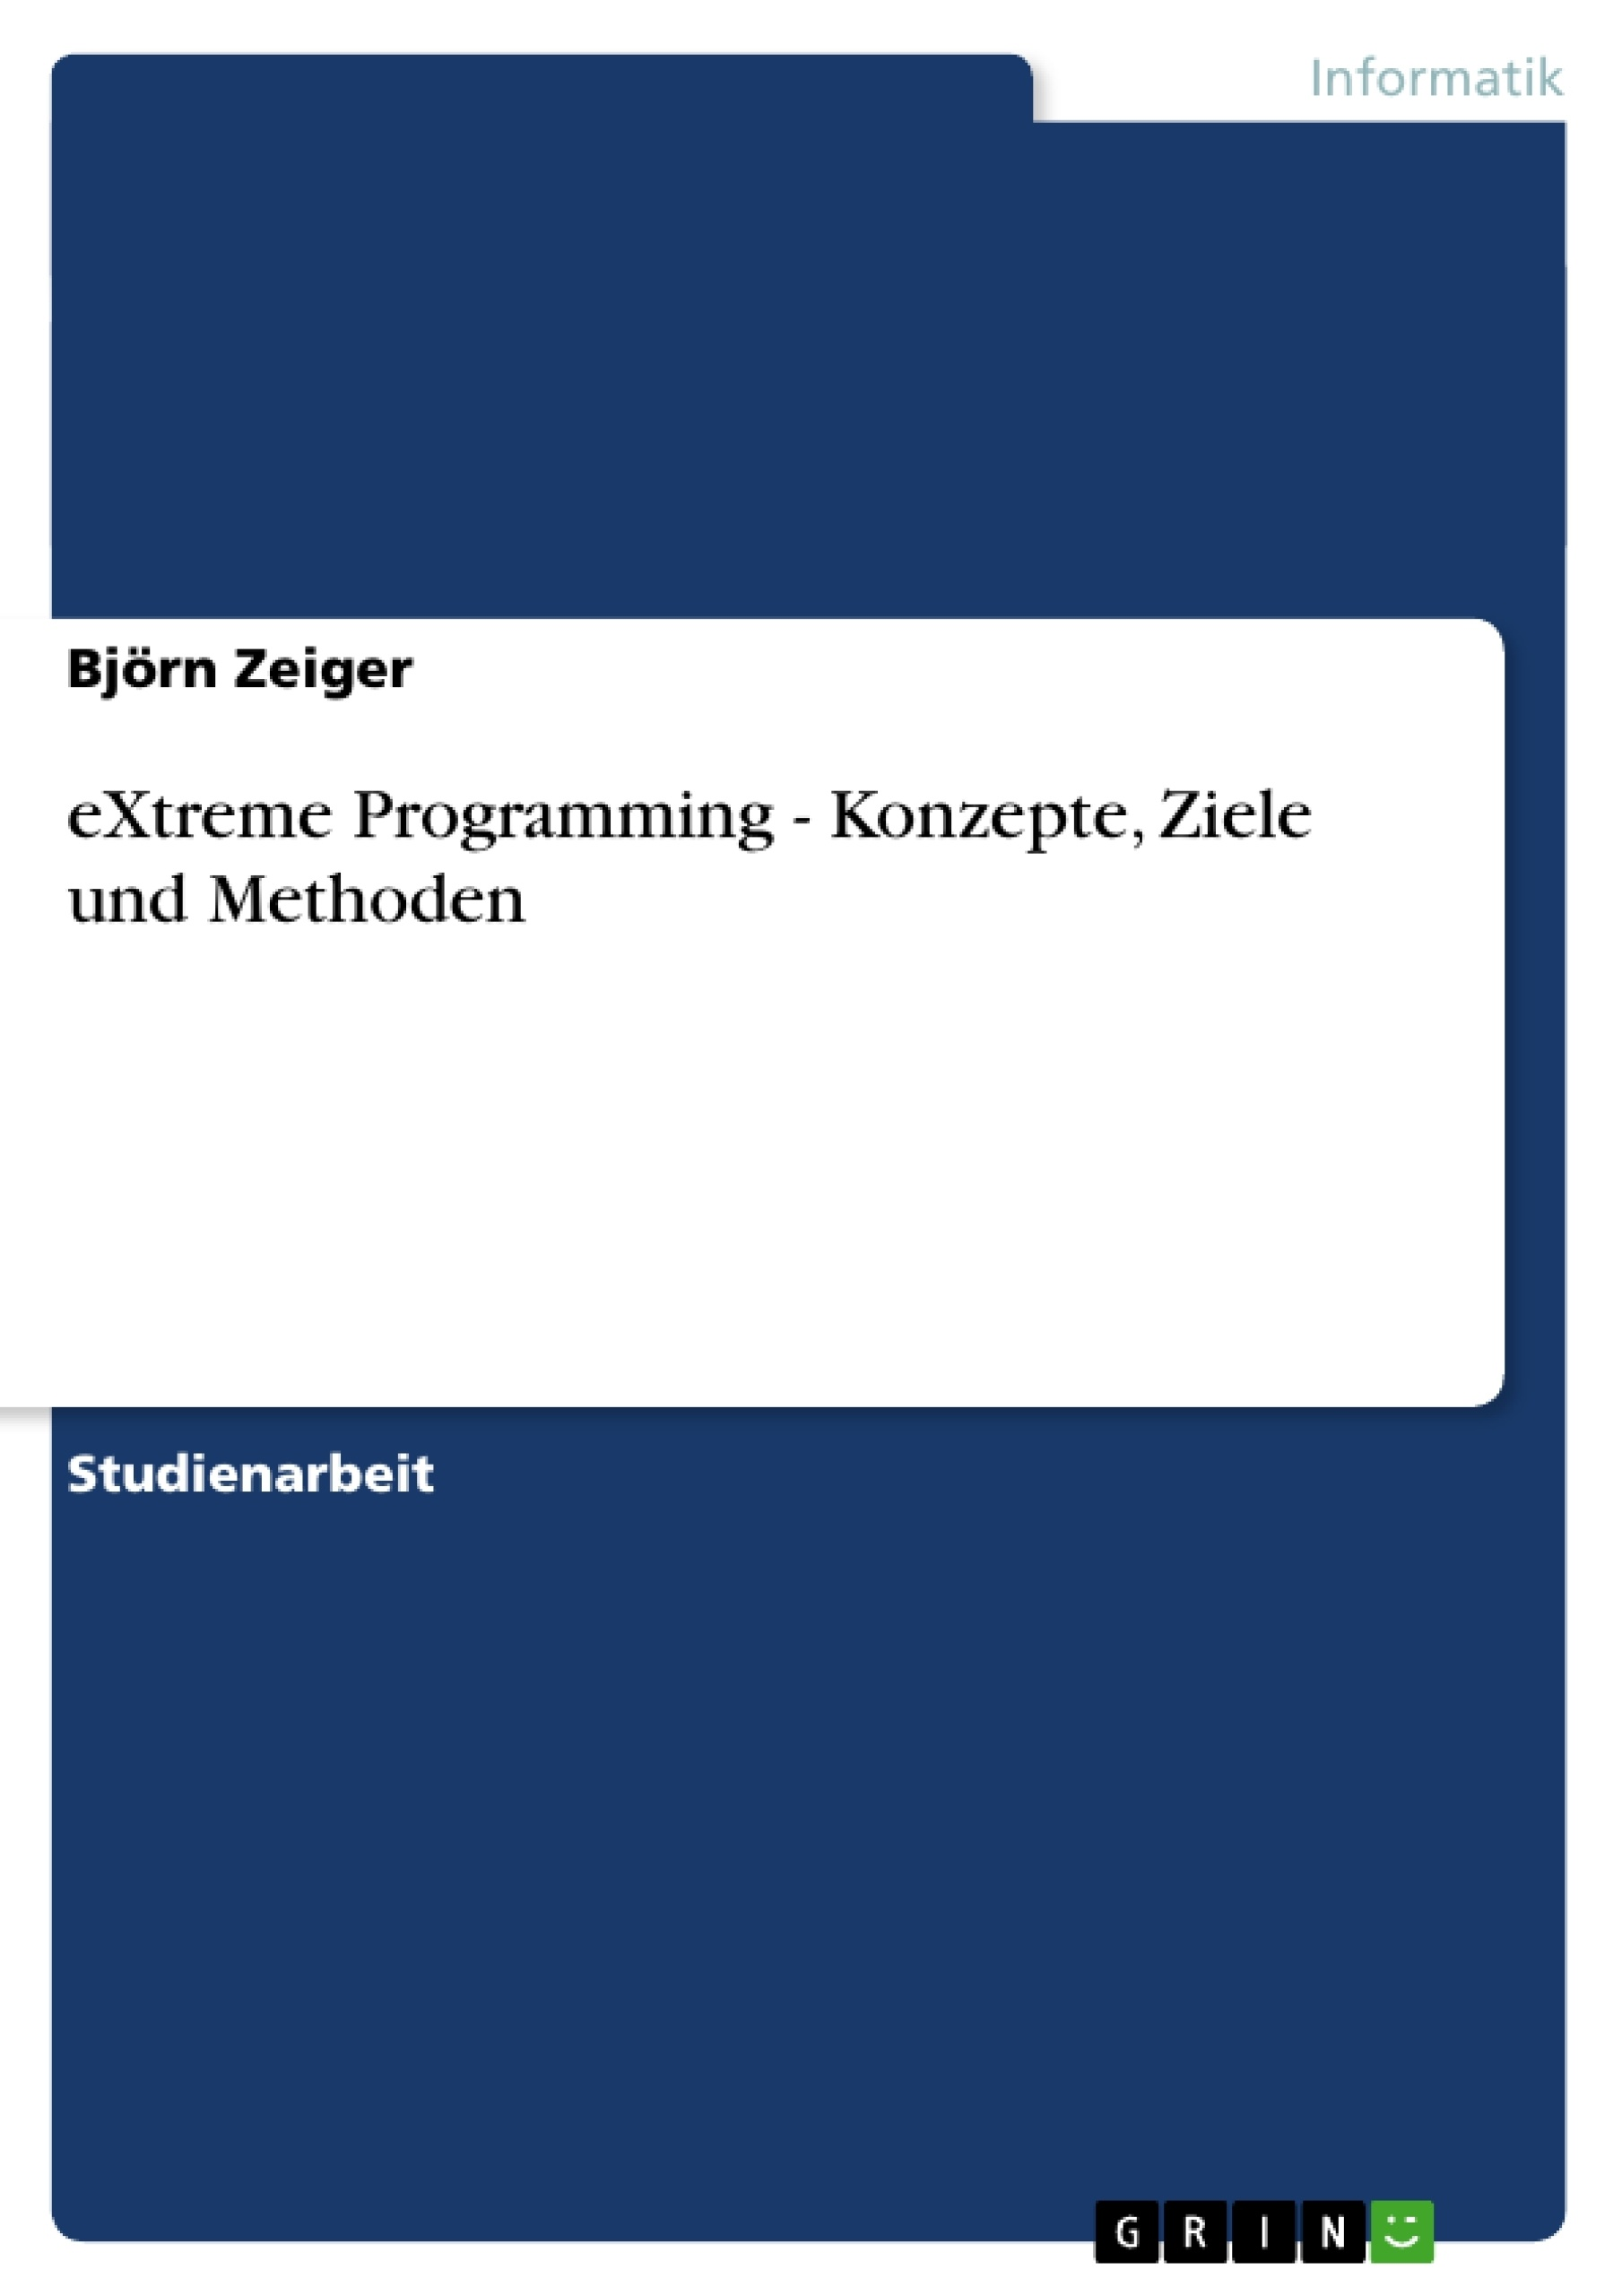 Titel: eXtreme Programming - Konzepte, Ziele und Methoden